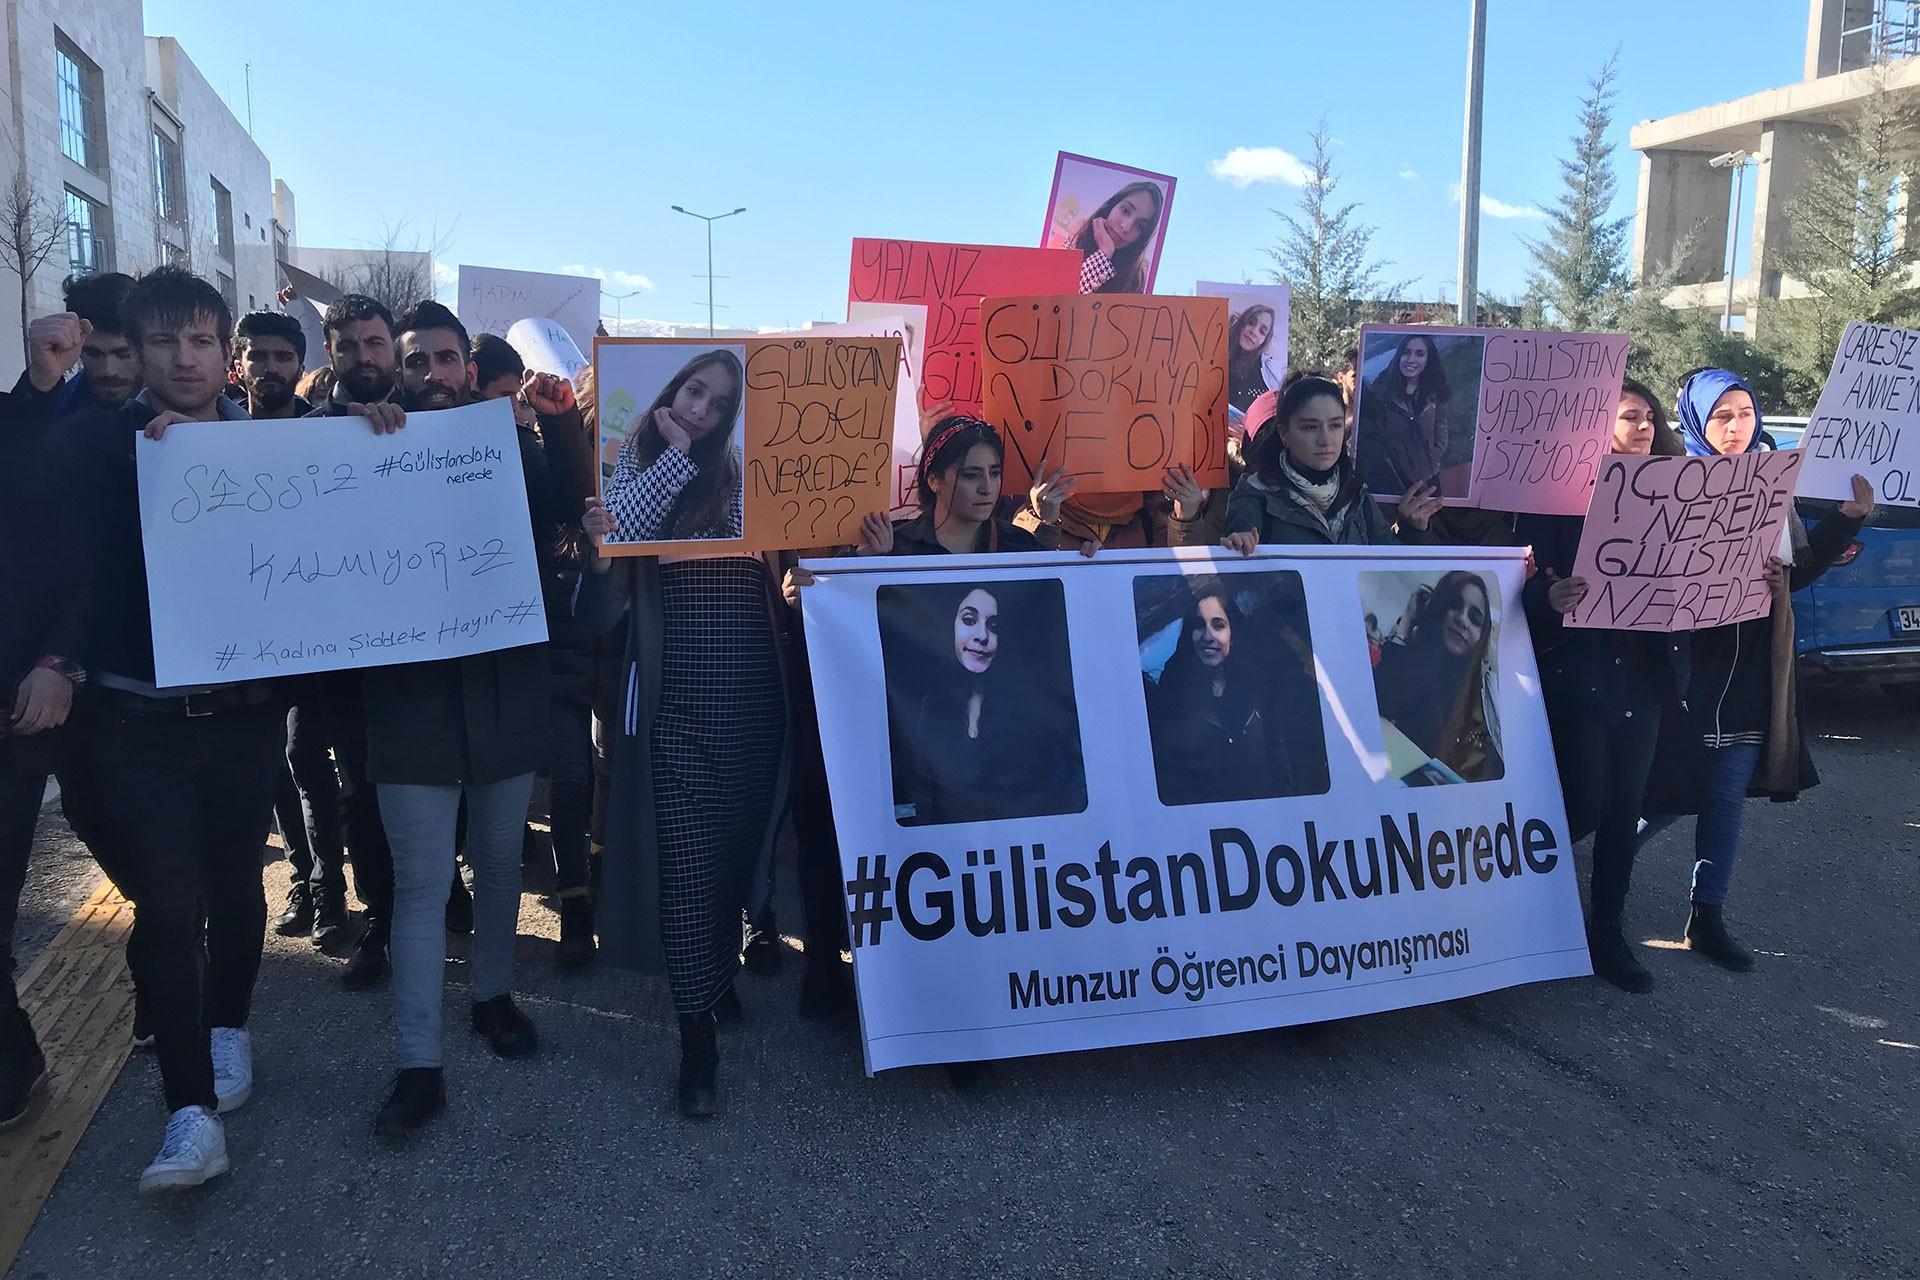 Gülistan Doku için eylem yapan Munzur Üniversitesi öğrencileri.